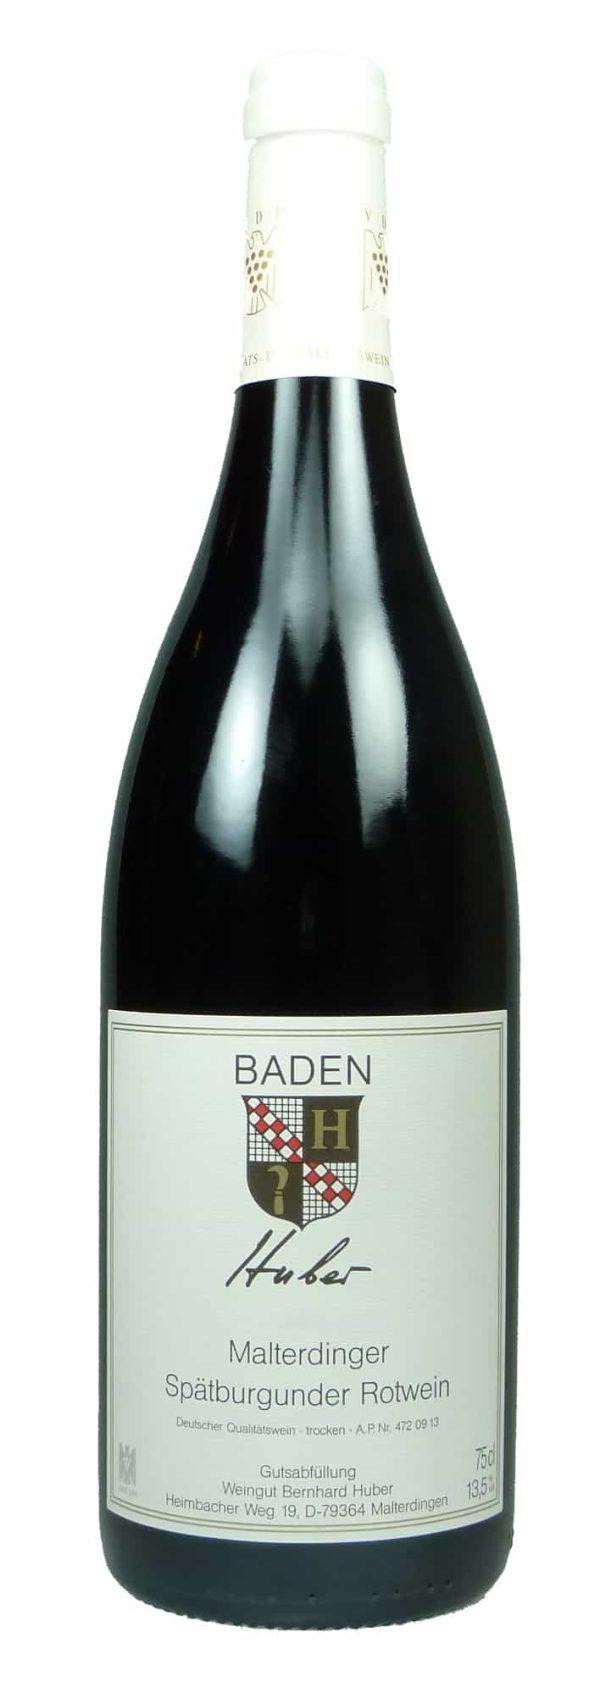 Malterdinger Spätburgunder Qualitätswein trocken 2014